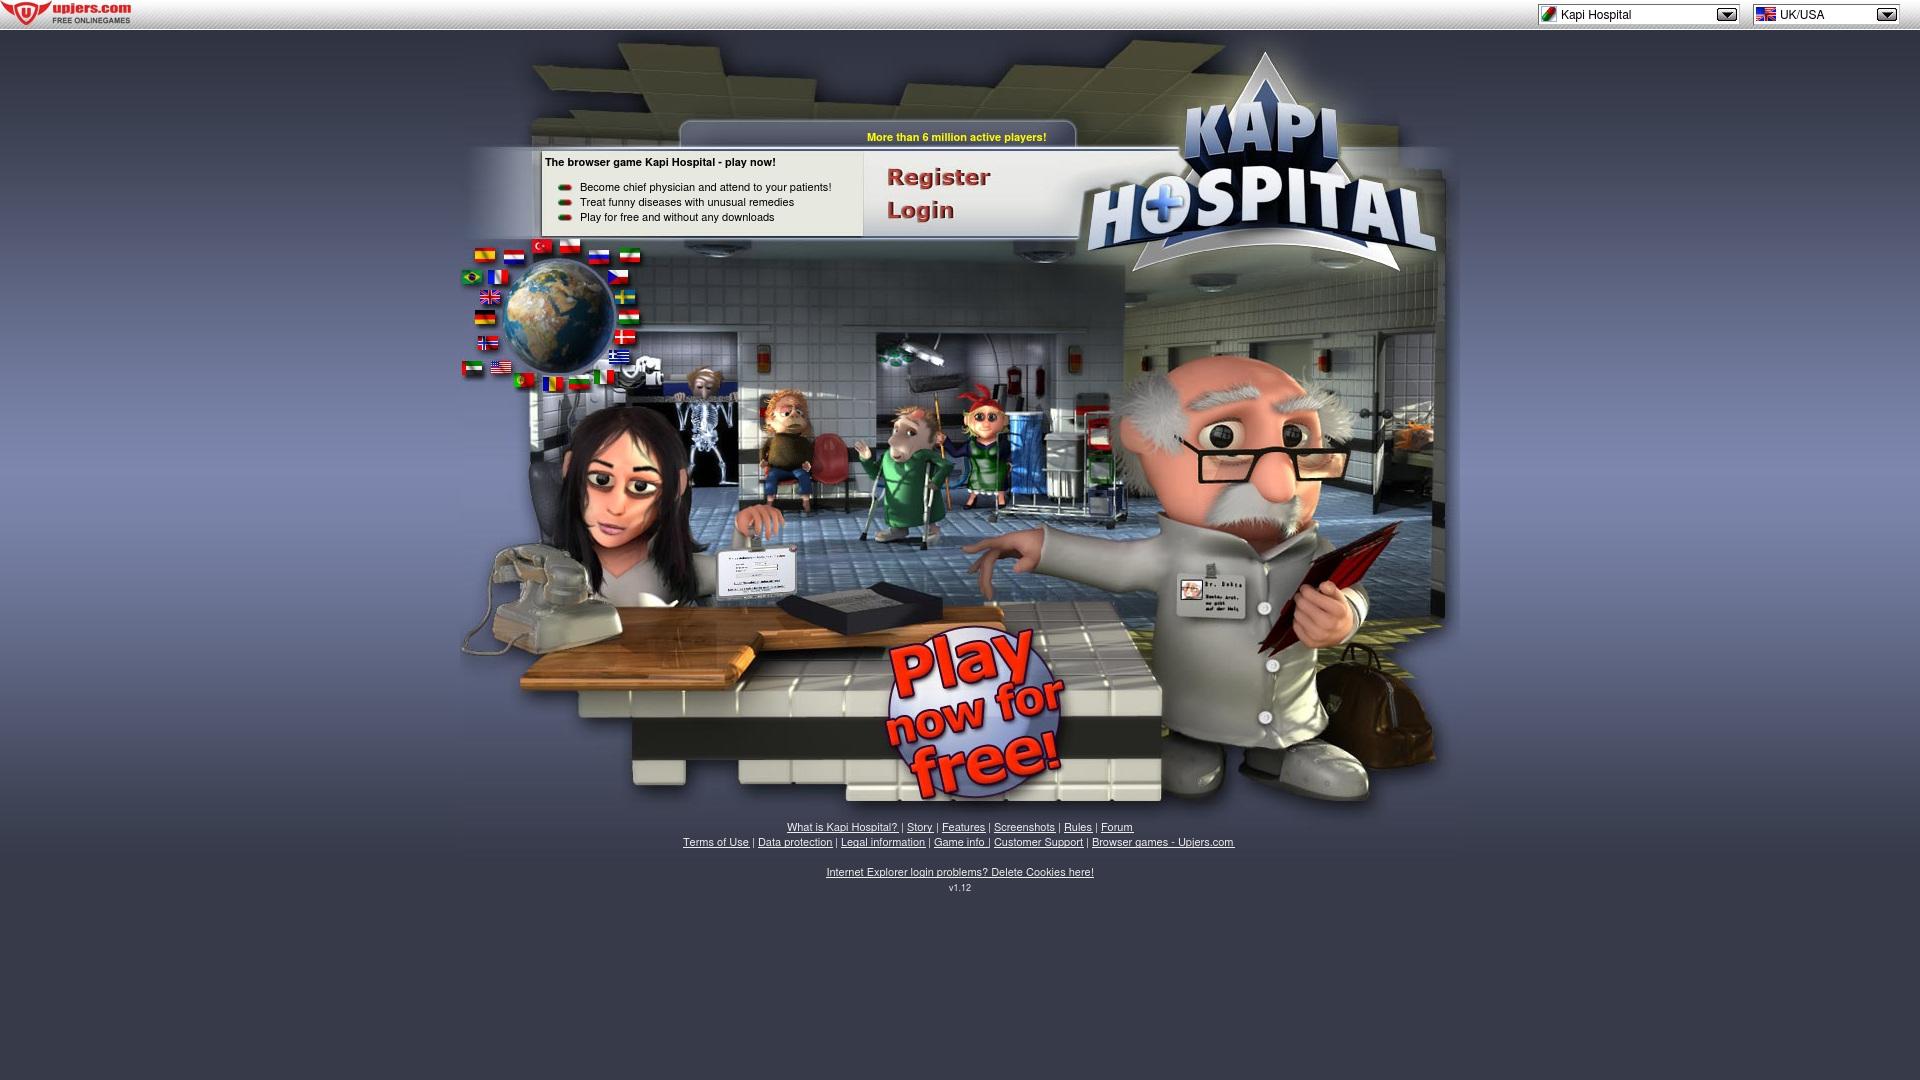 Gutschein für Kapihospital: Rabatte für  Kapihospital sichern